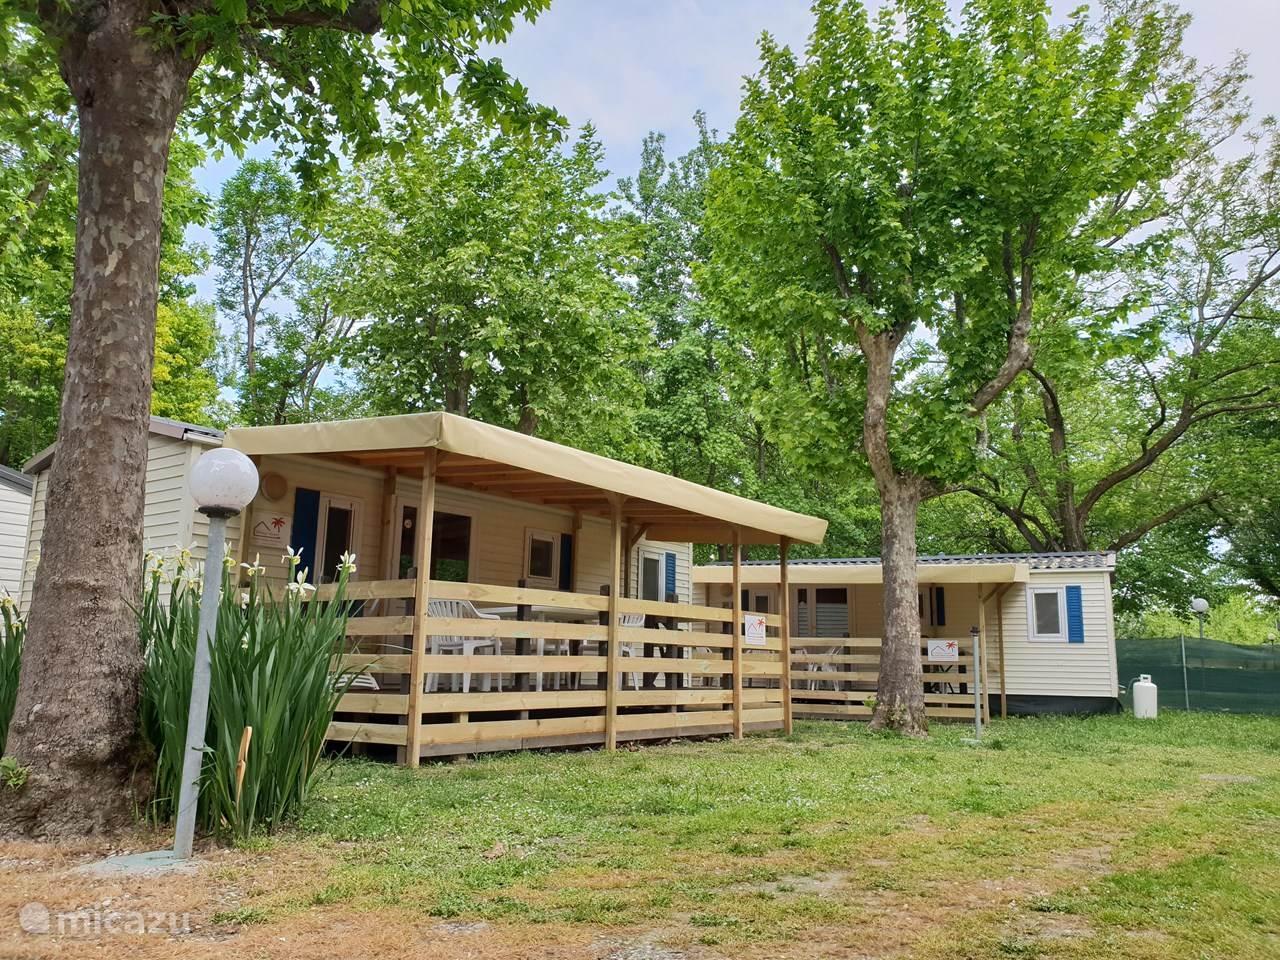 Vacation rental Italy, Liguria, Sarzana mobile home Camping River mobile home Liguria